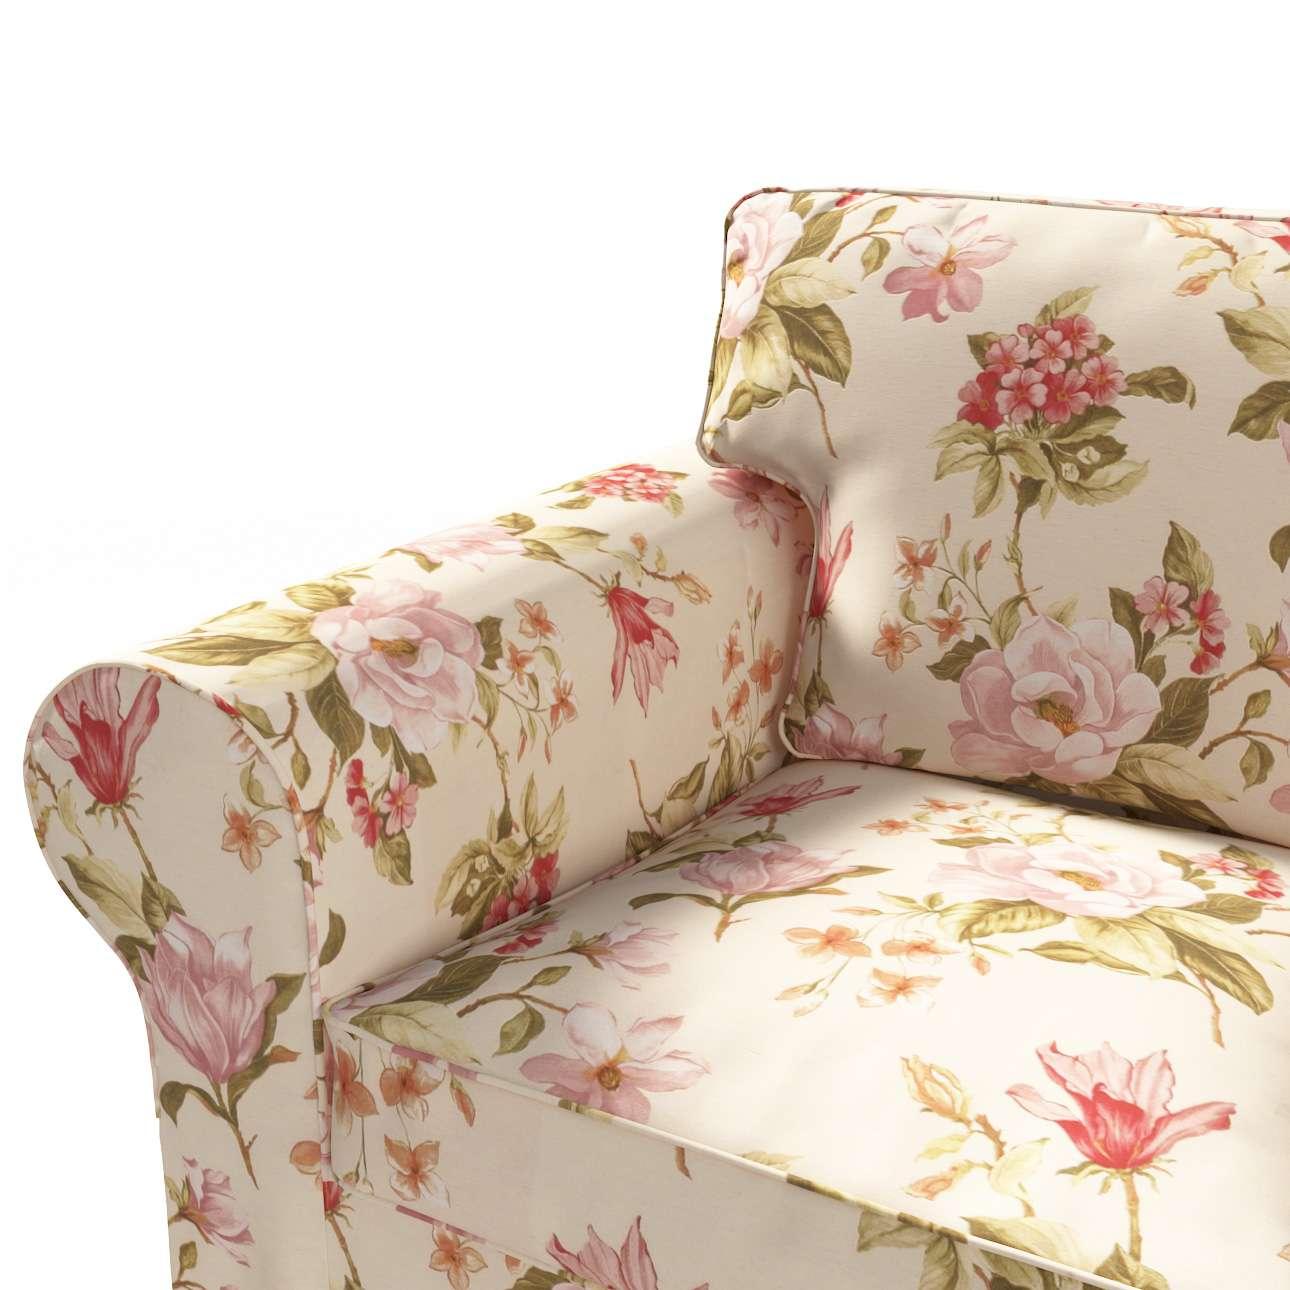 Ektorp 3-Sitzer Sofabezug nicht ausklappbar Sofabezug für  Ektorp 3-Sitzer nicht ausklappbar von der Kollektion Londres, Stoff: 123-05